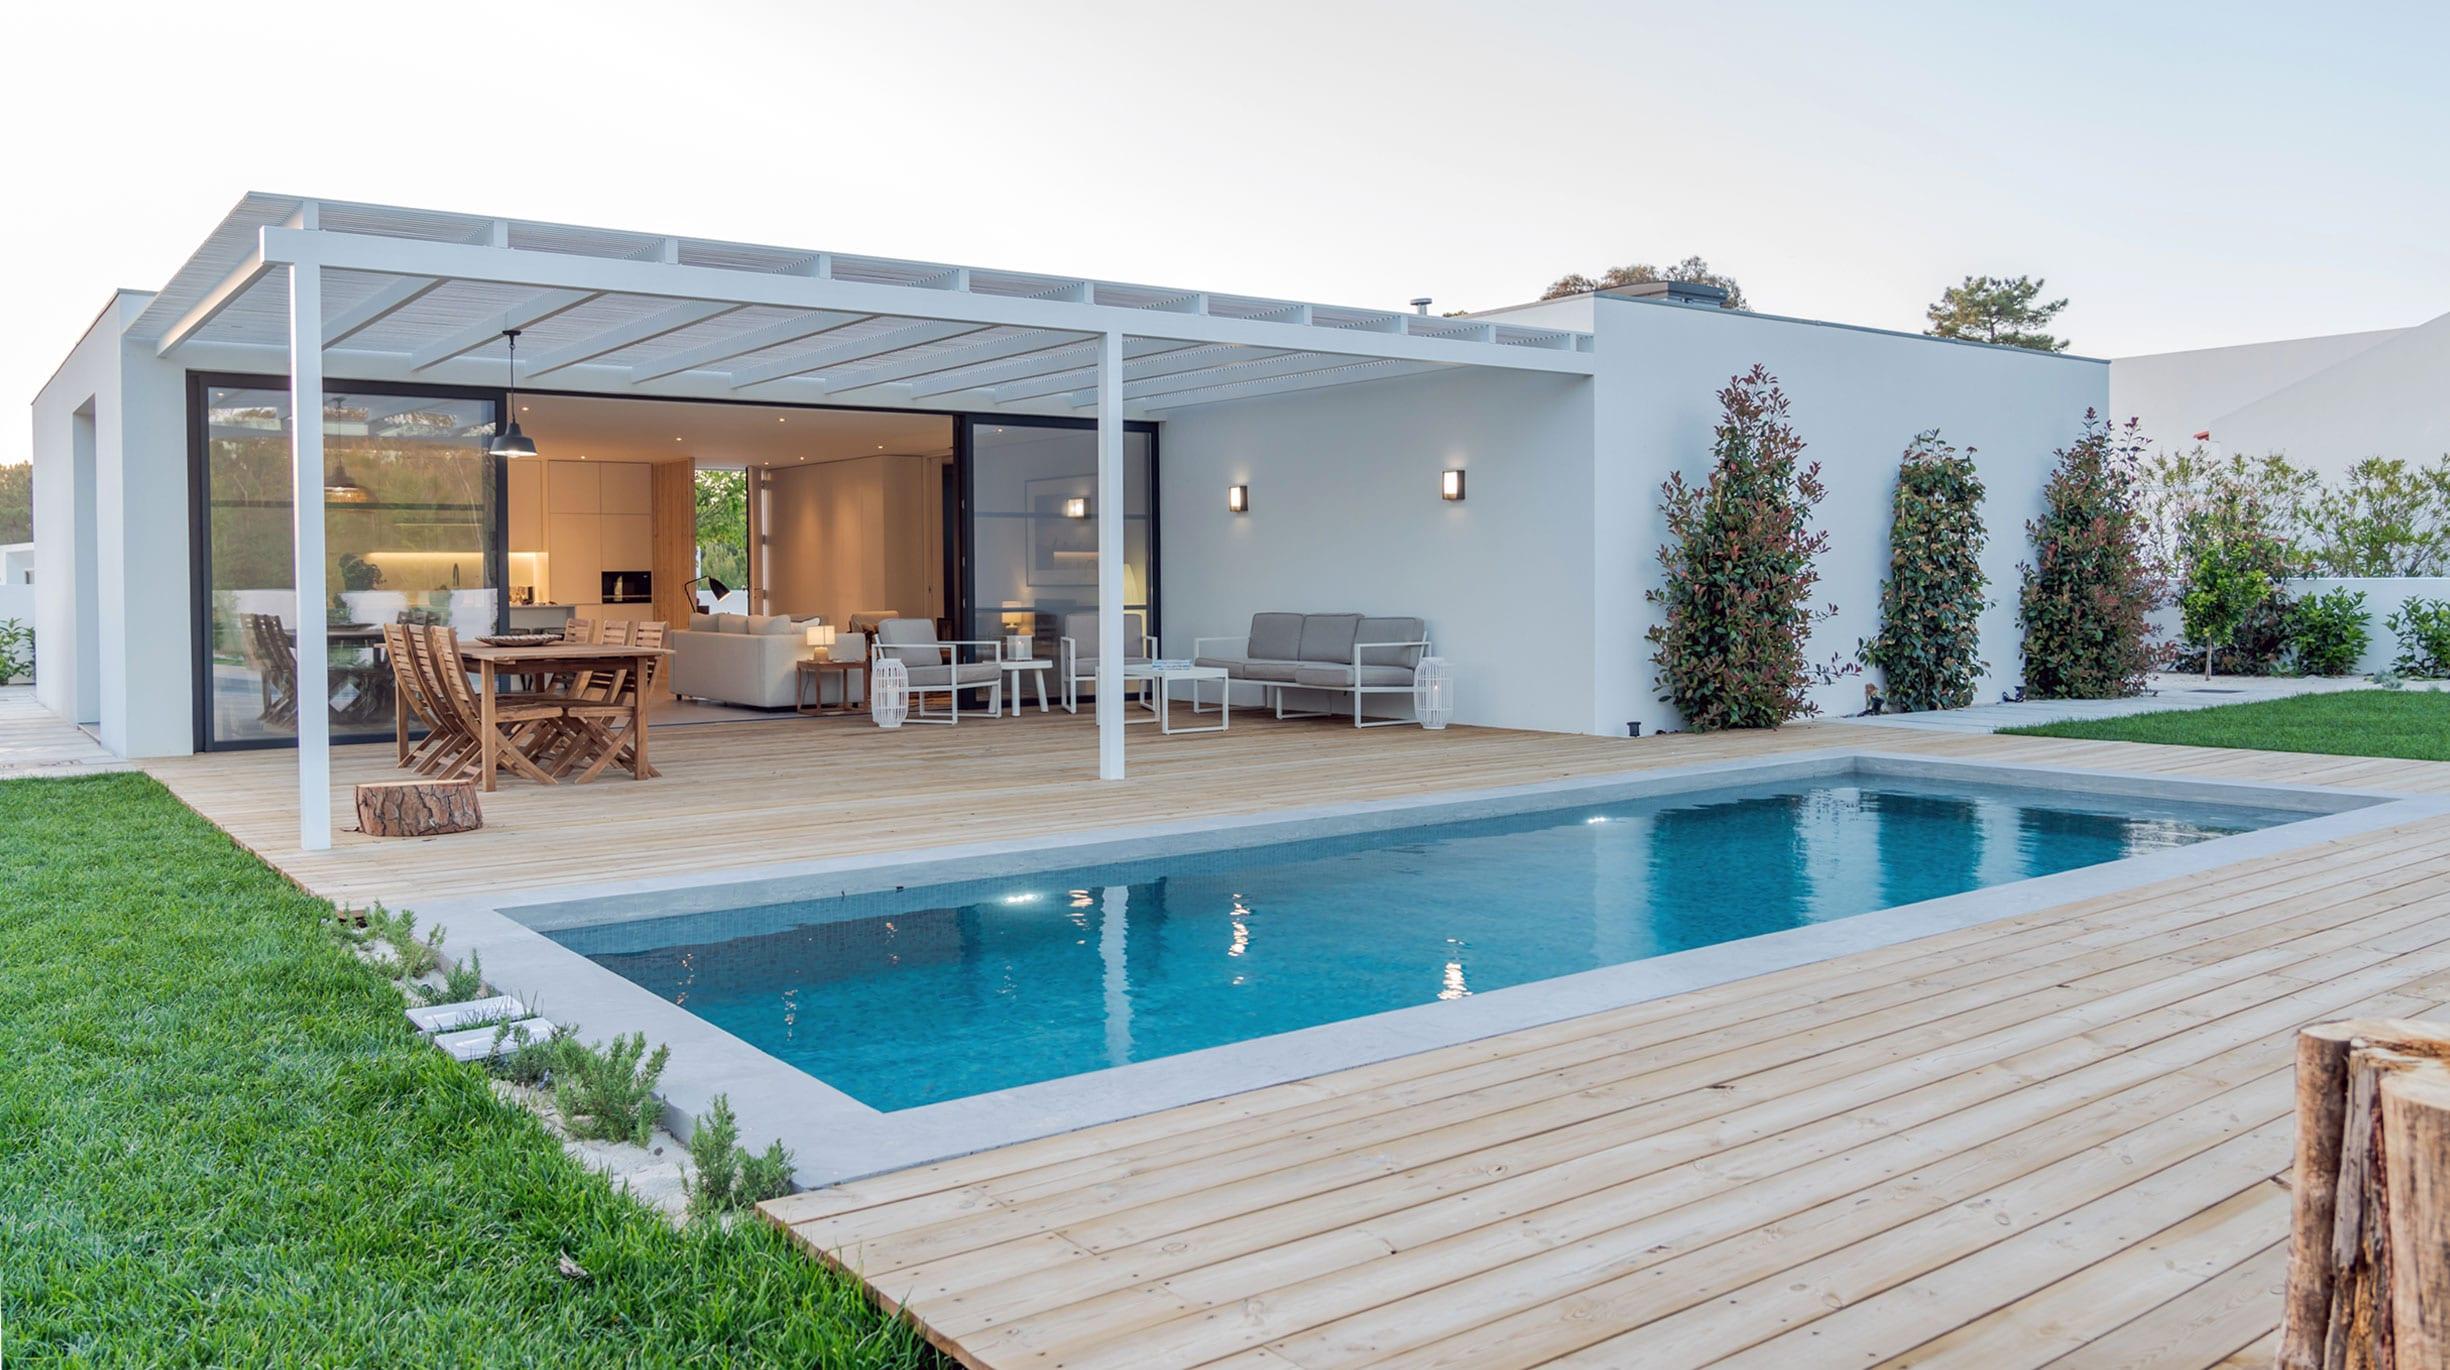 votre-piscine-nouvelle-piece-a-vivre-01 Quel système de filtration choisir pour sa piscine coque ?